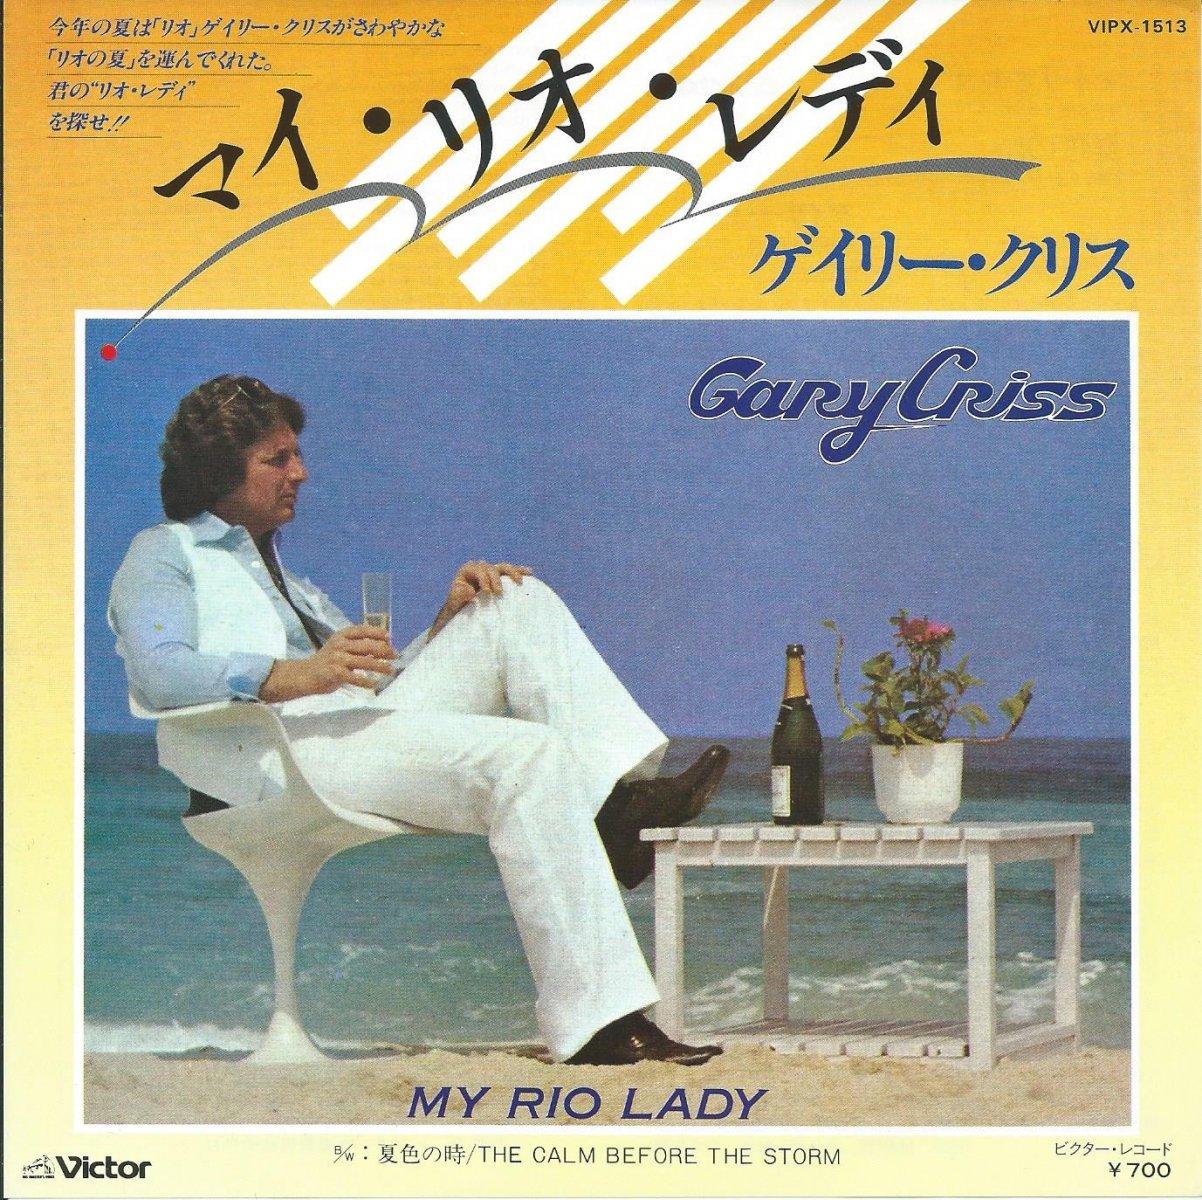 ゲイリー・クリス GARY CRISS / マイ・リオ・レディ MY RIO LADY (7